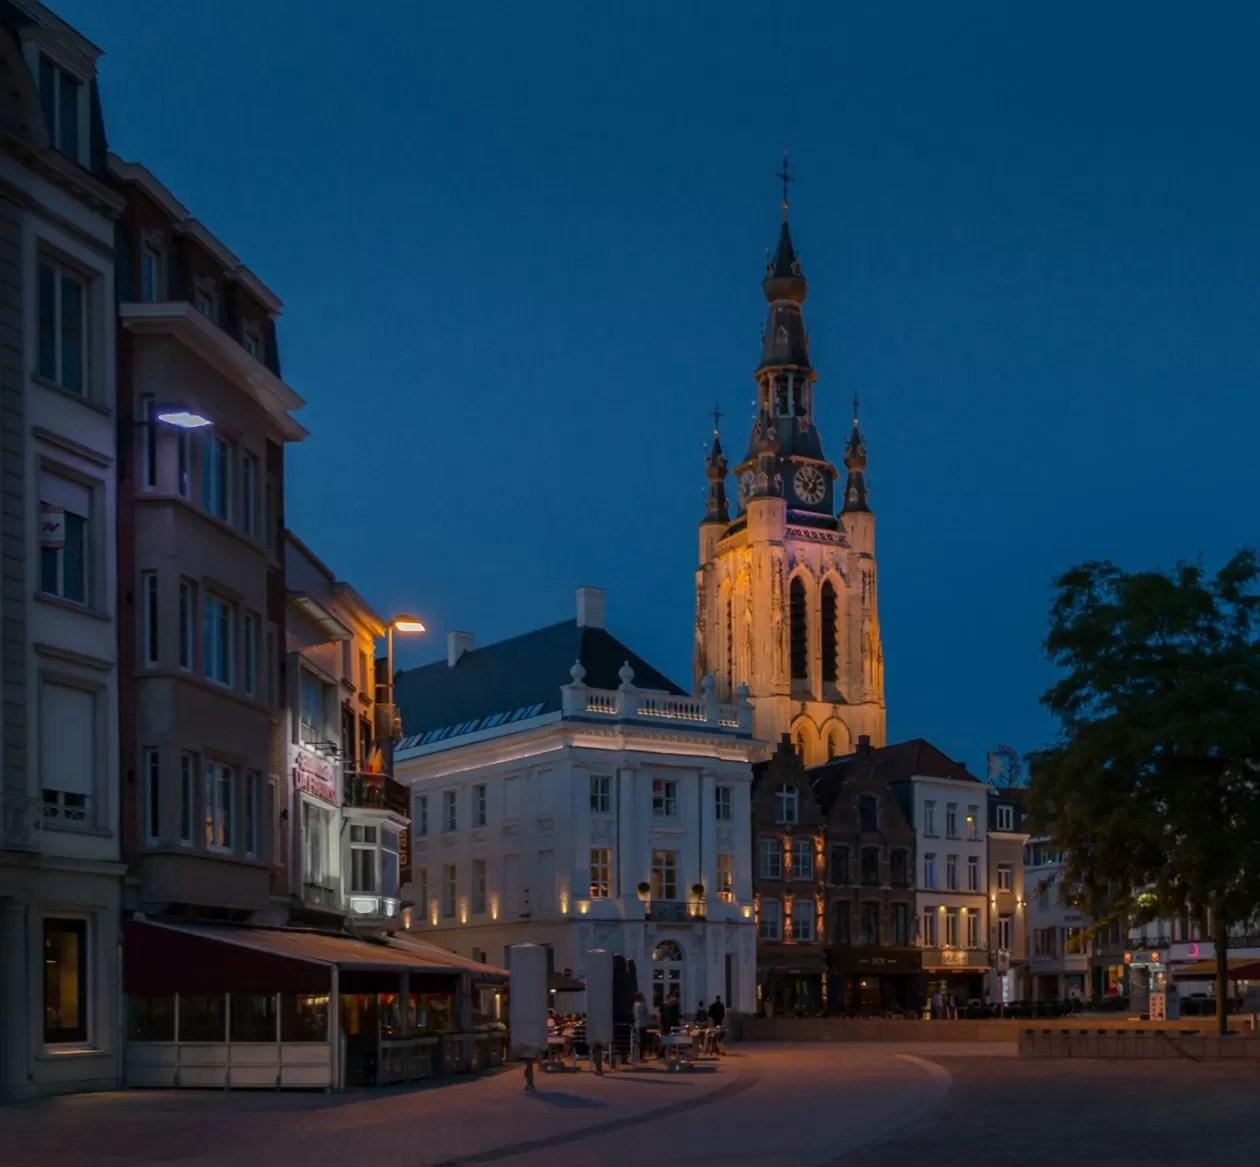 kortrijk-downtown-1515592_1920